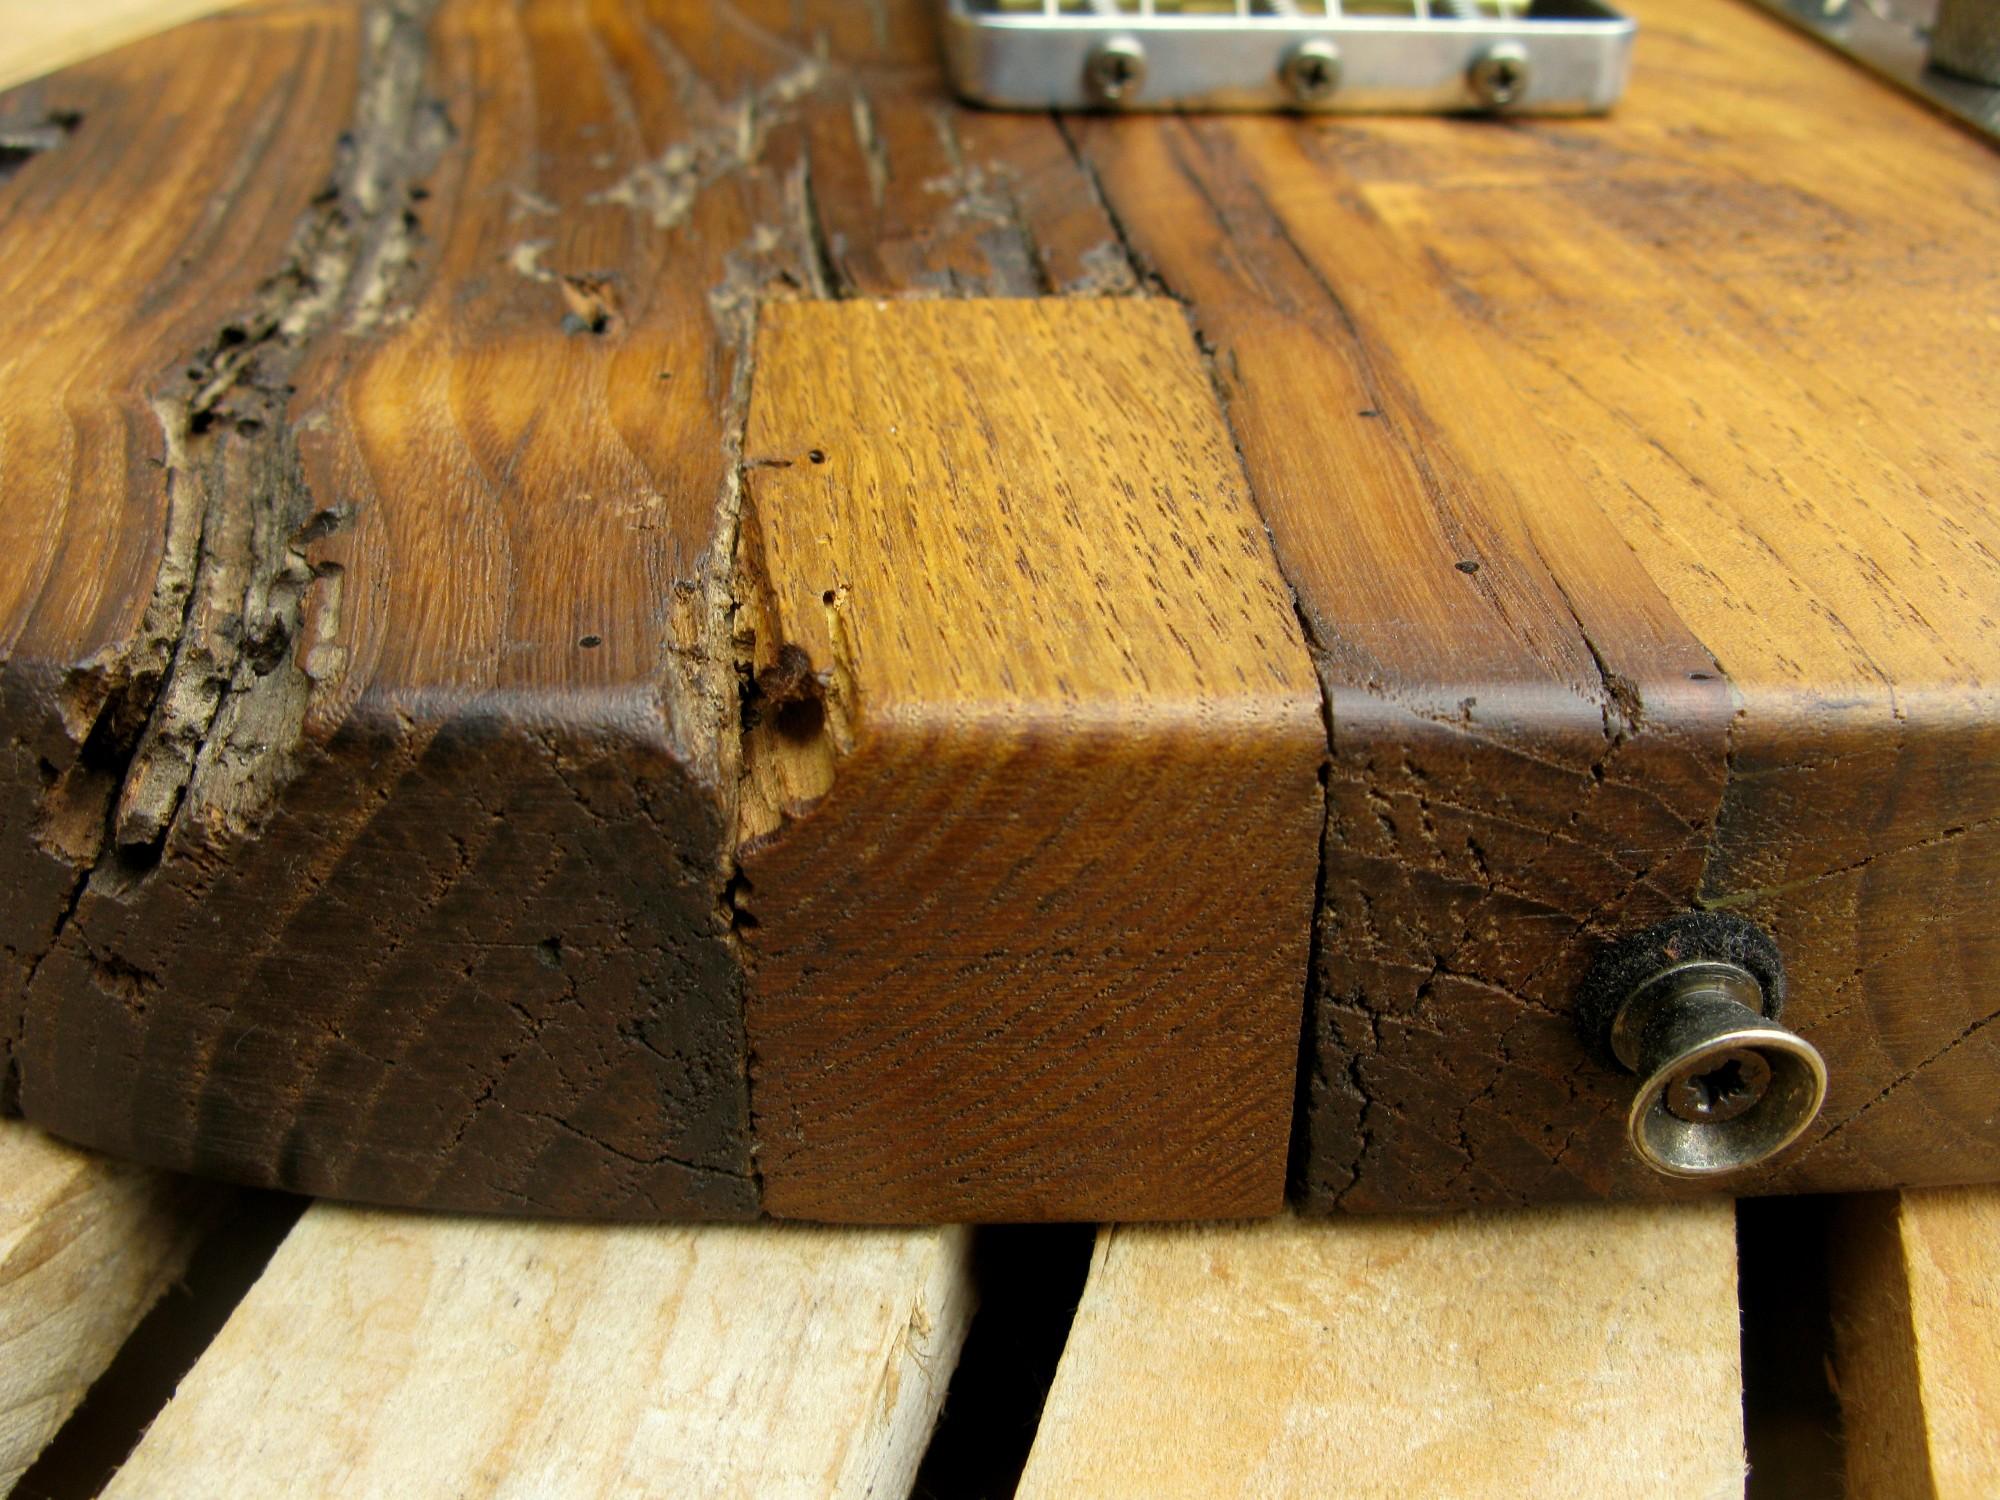 Dettaglio di una Telecaster con corpo in castagno secolare e manico in acero roasted